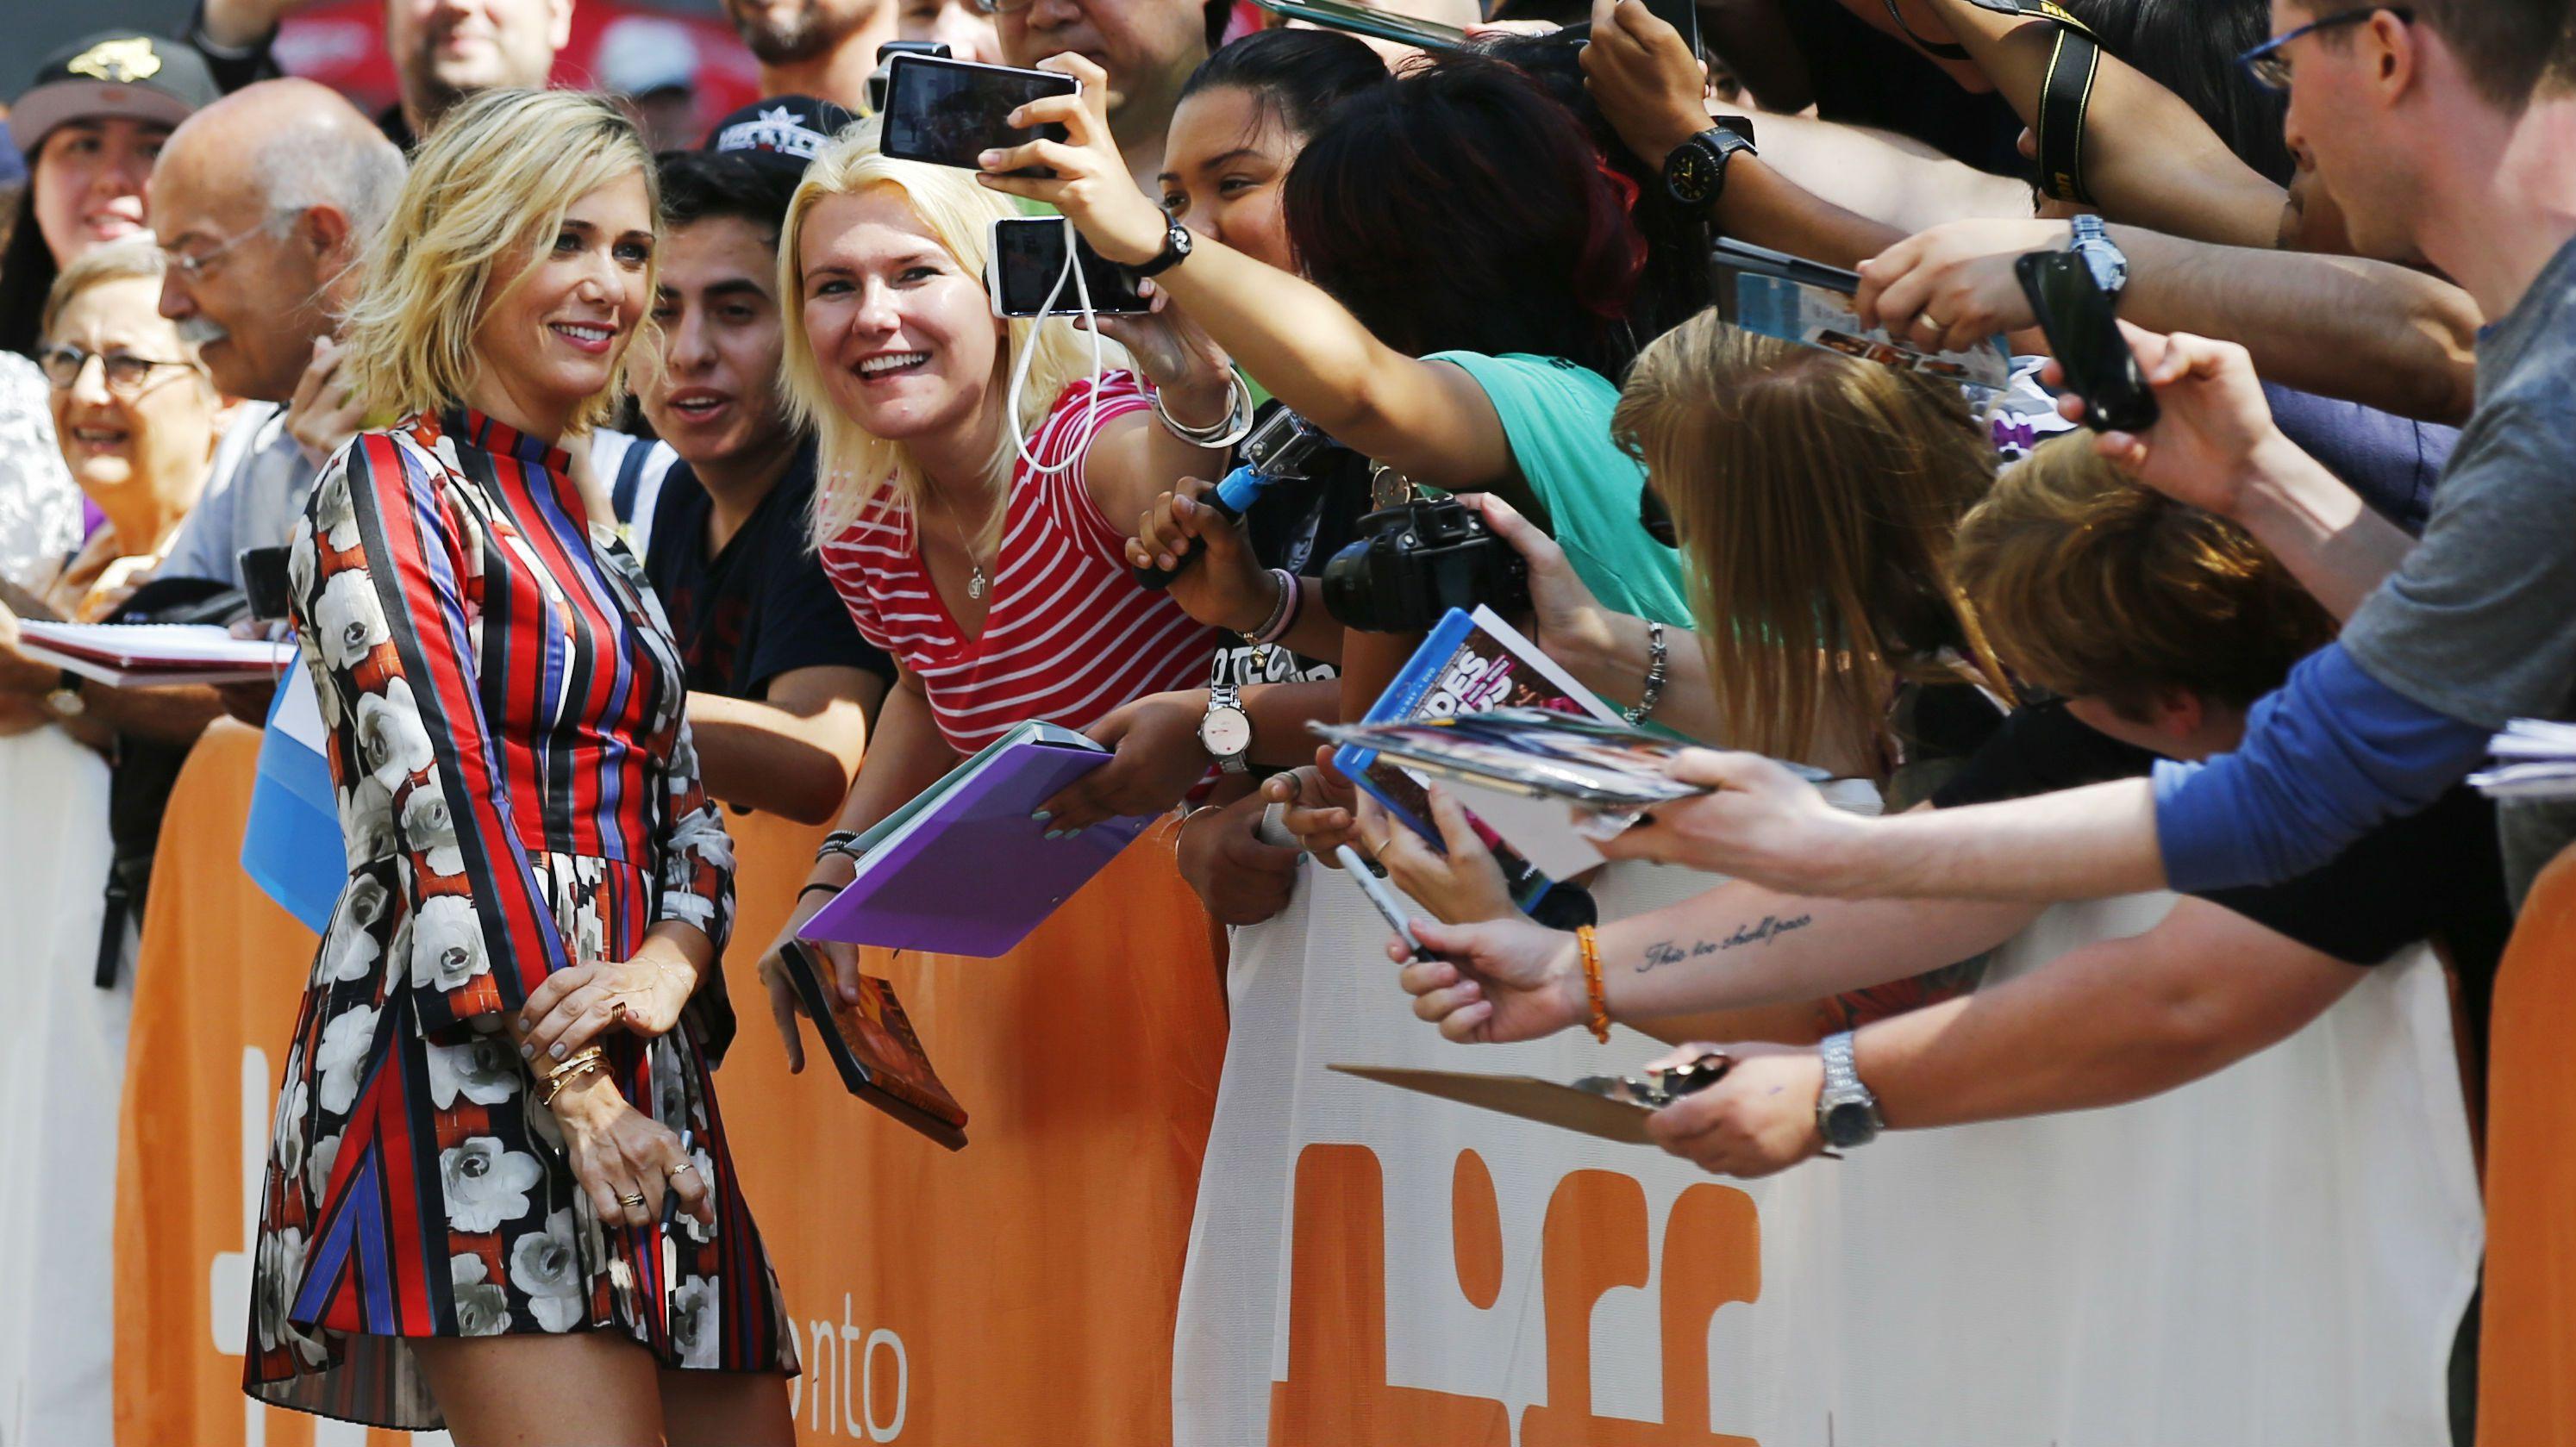 Kristen Wiig Ghostbusters